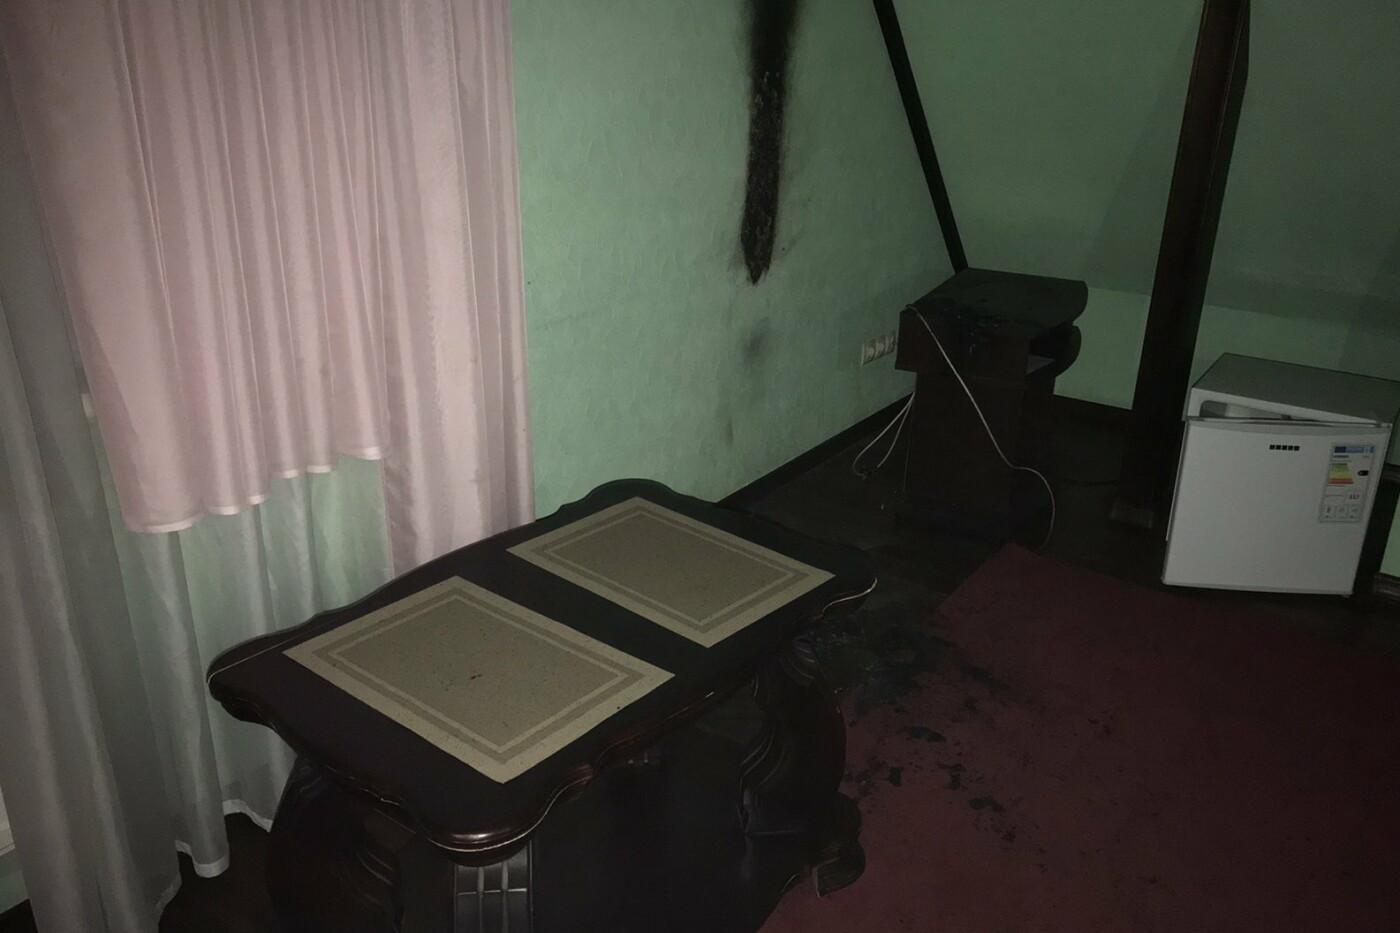 В Харькове из-за телевизора загорелся номер мини-отеля, - ФОТО, фото-2